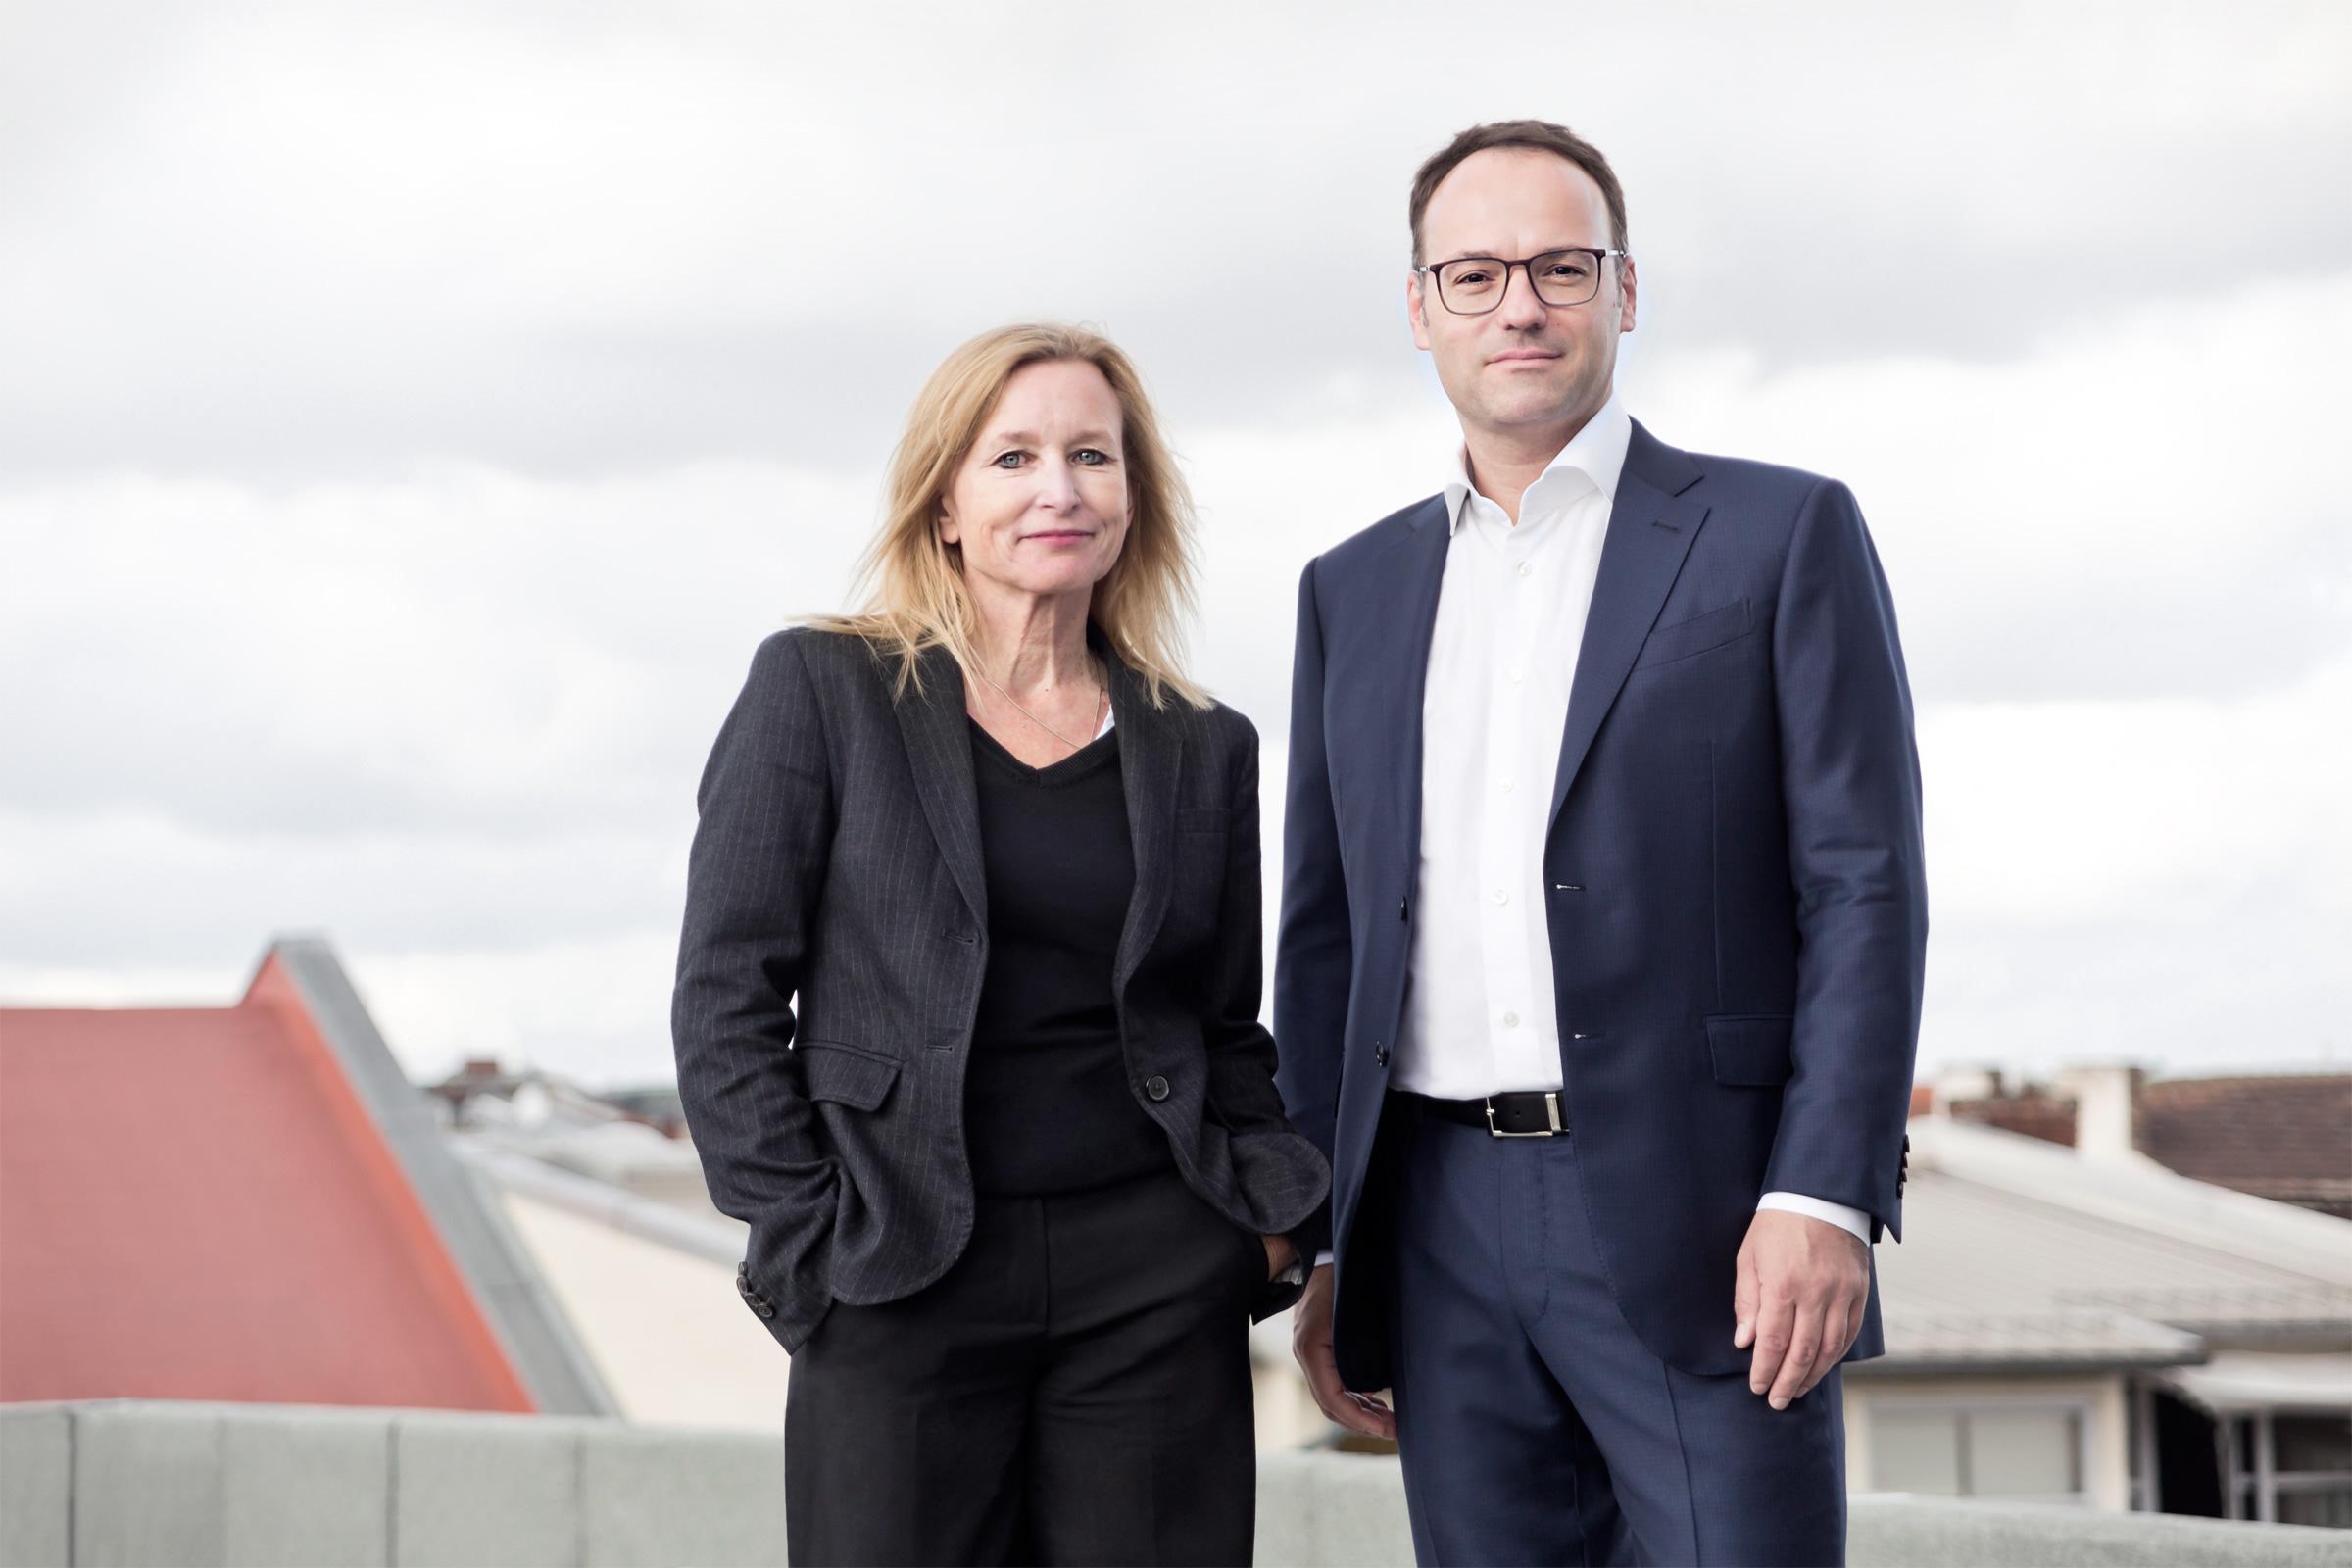 Pascal Tavanti Bettina Redeker Rechtsanwalt Berlin Immobilienrecht, WEG-Recht, Makler Recht,Gewerblicher Rechtsschutz